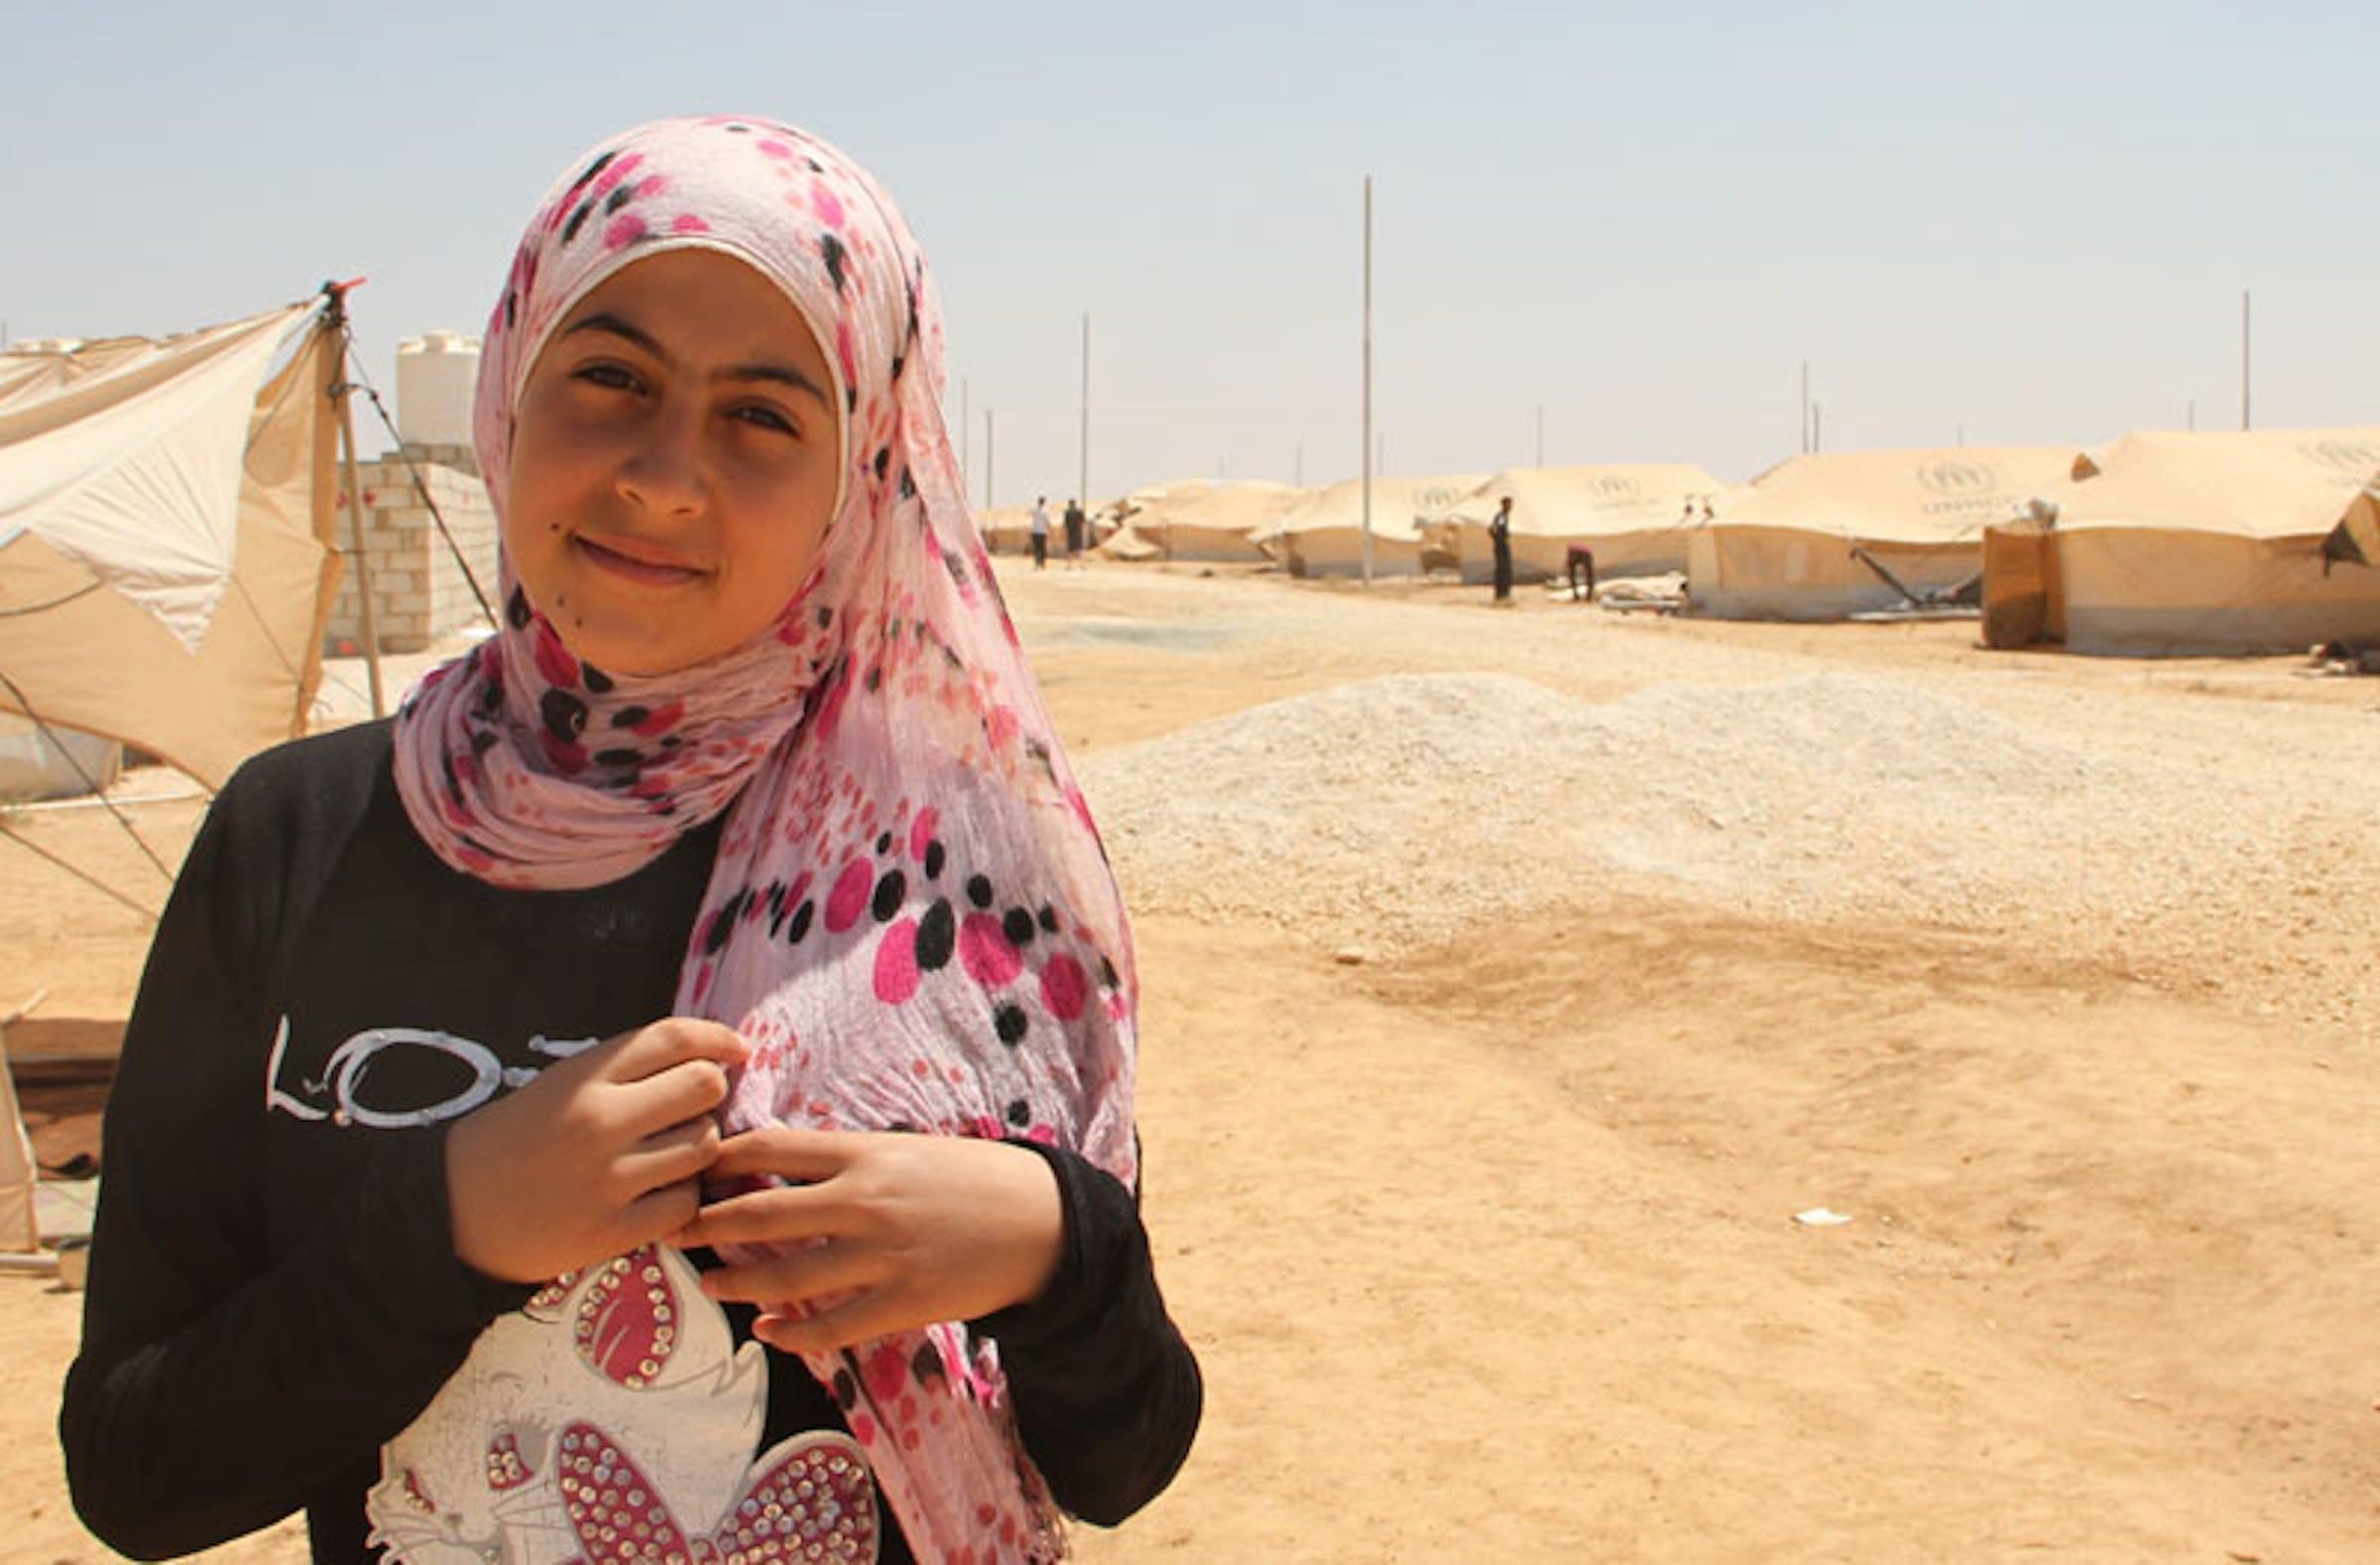 Reem, la bambina protagonista di questa storia - ©UNICEF Giordania/2012/Sharpe